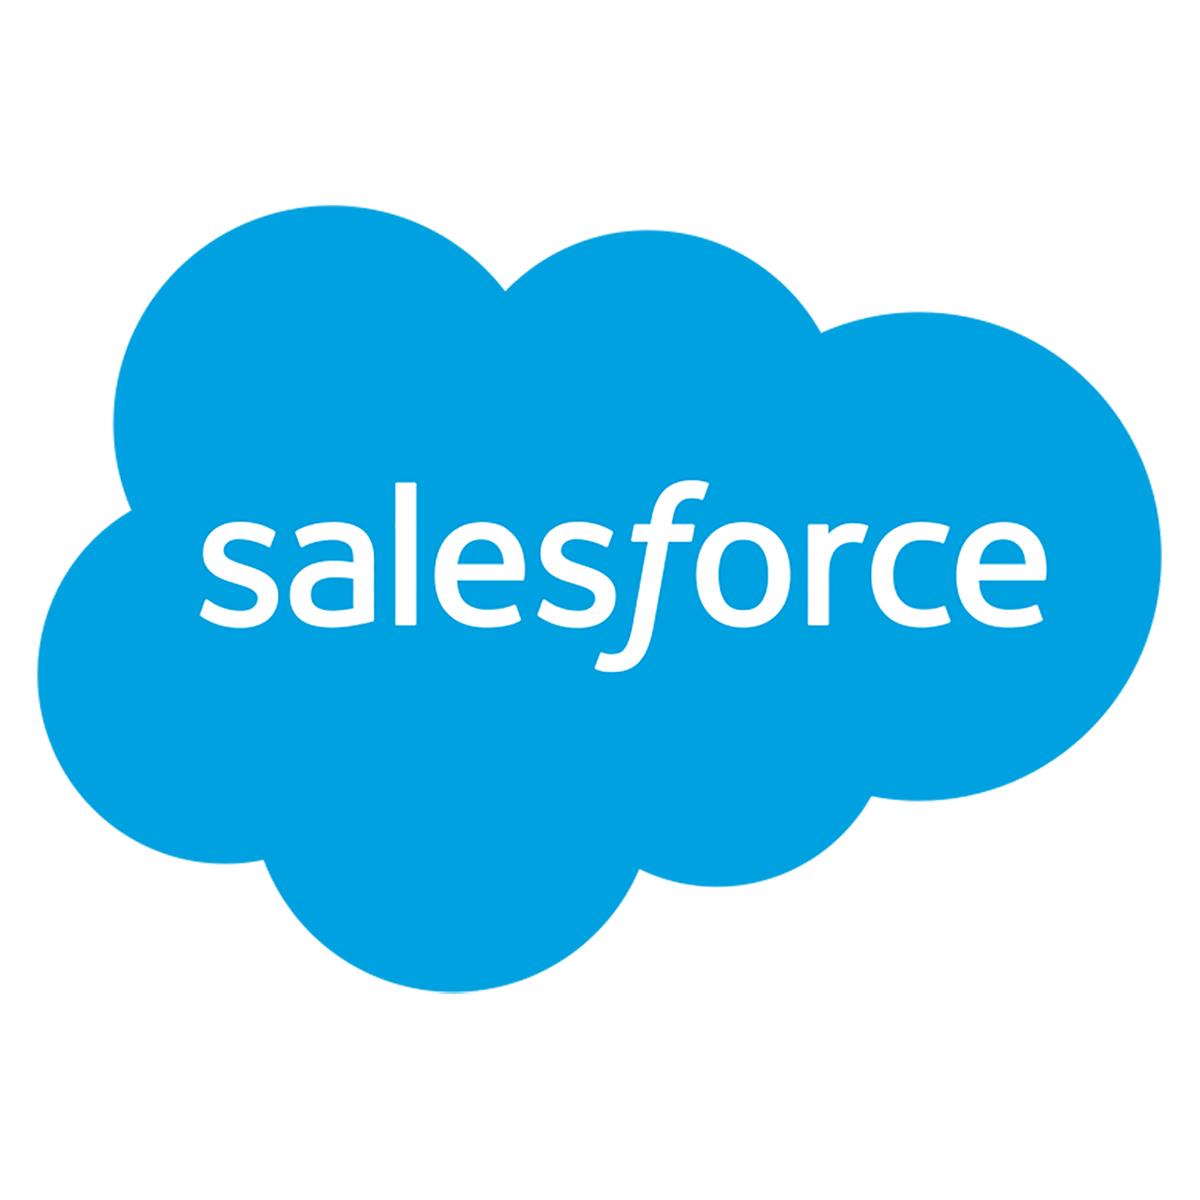 A-salesforce.jpg